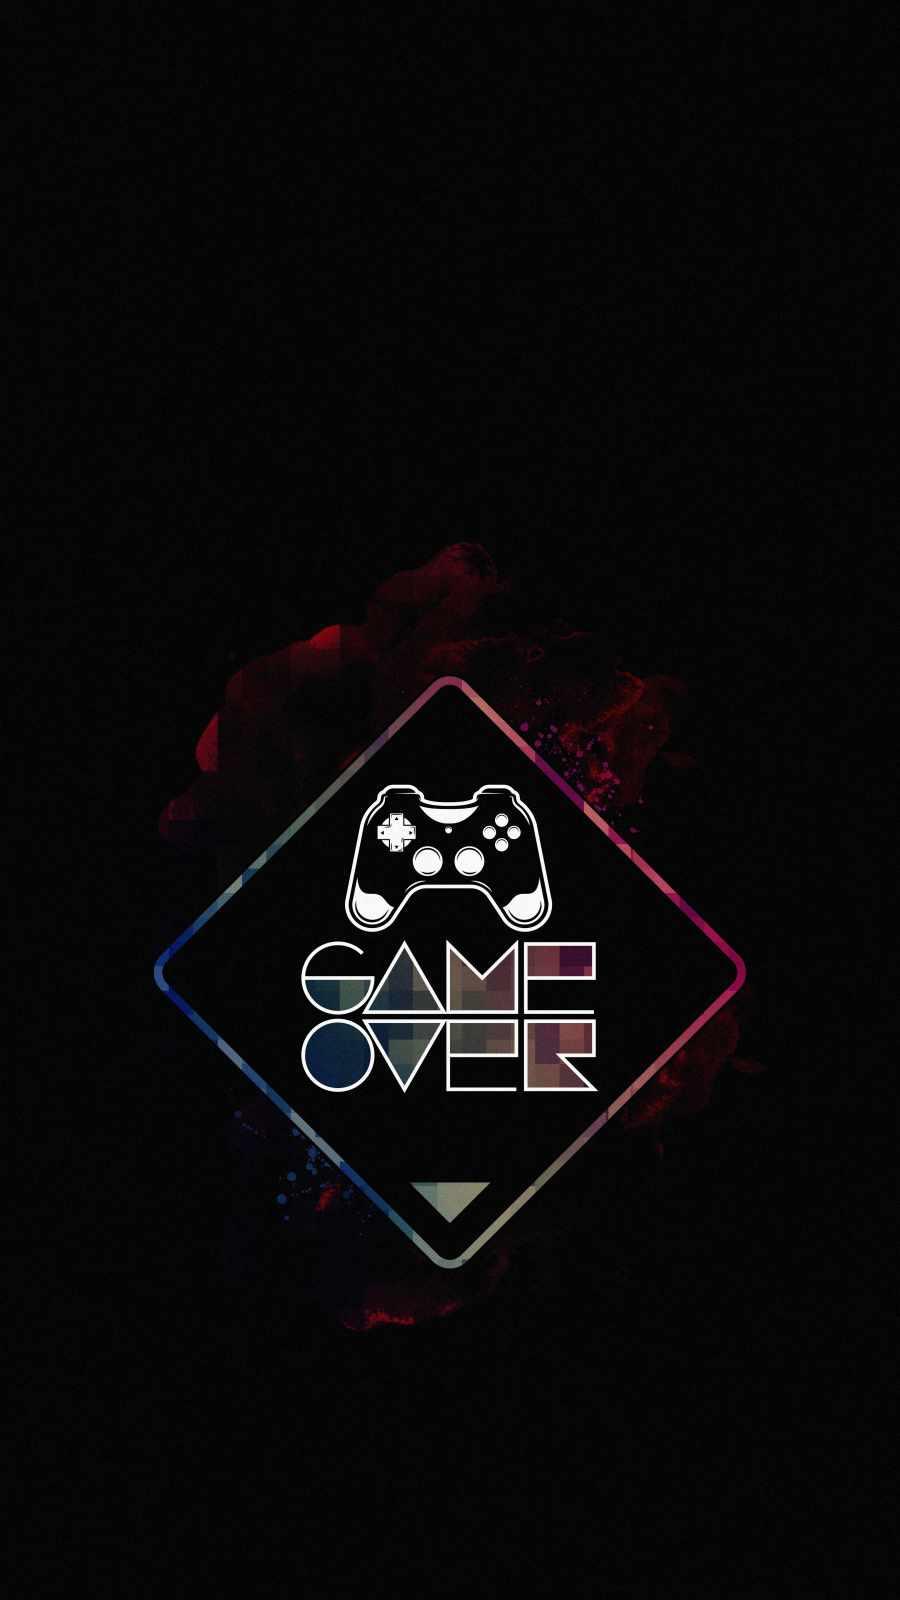 Game Over Dark iPhone Wallpaper